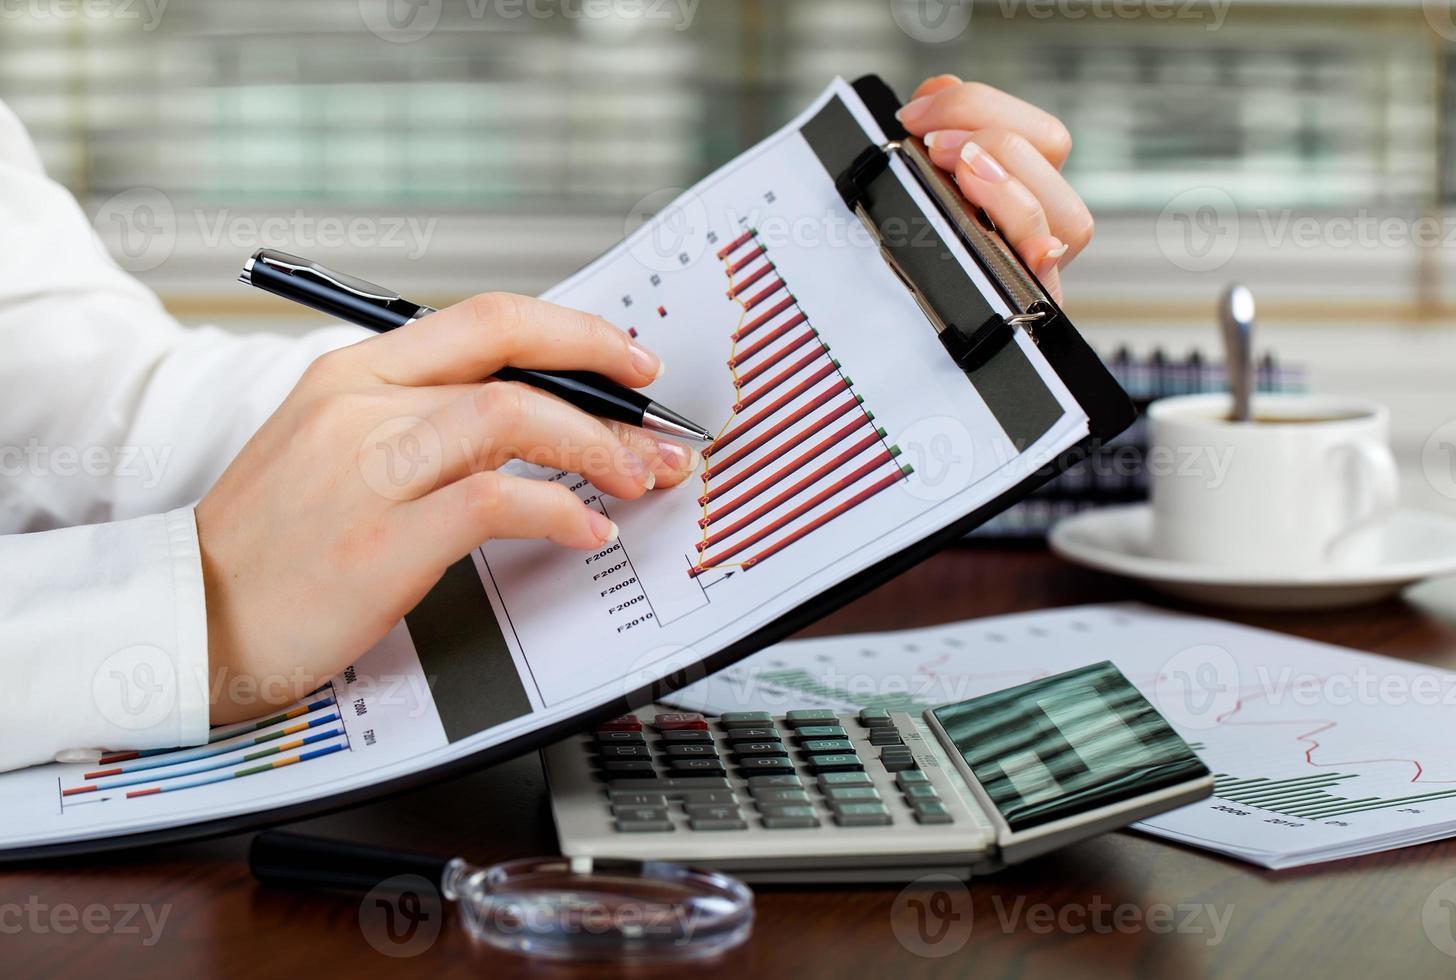 comptabilité d'entreprise photo